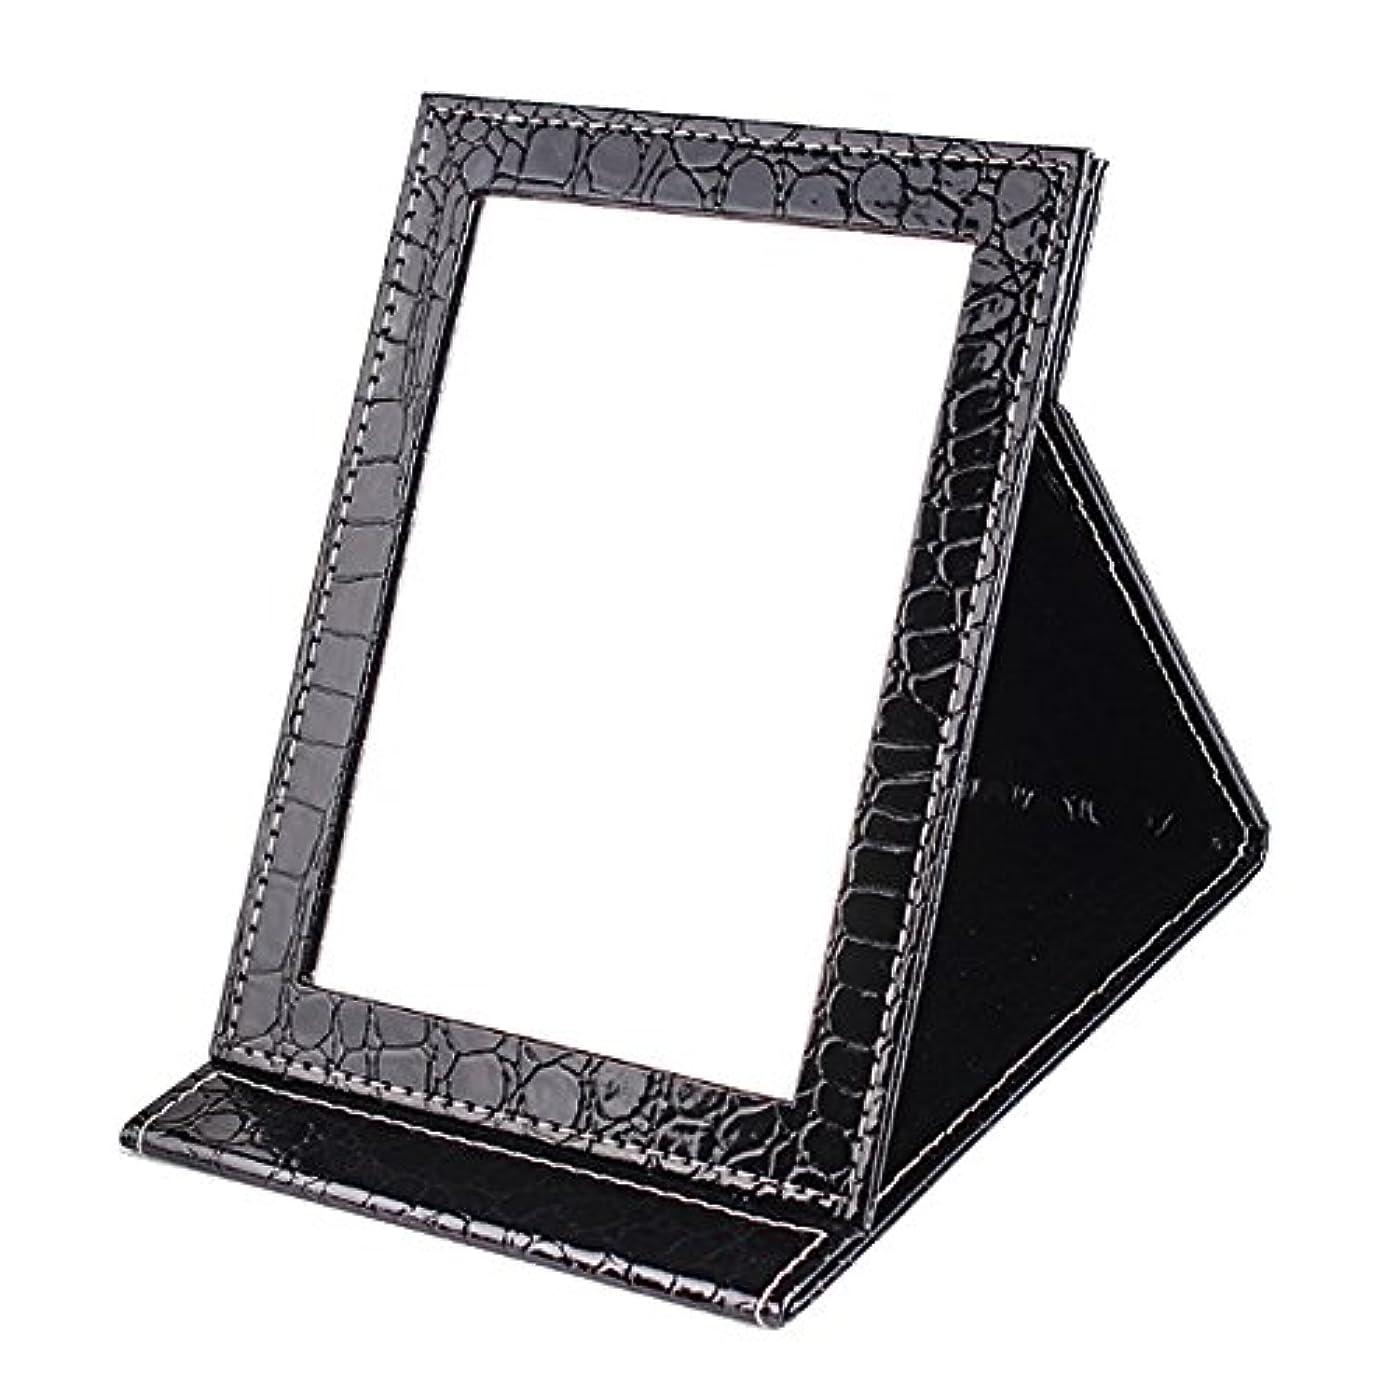 不忠料理をする禁輸[BEATONJAPAN] 手鏡 折りたたみ 折り畳みミラー 卓上